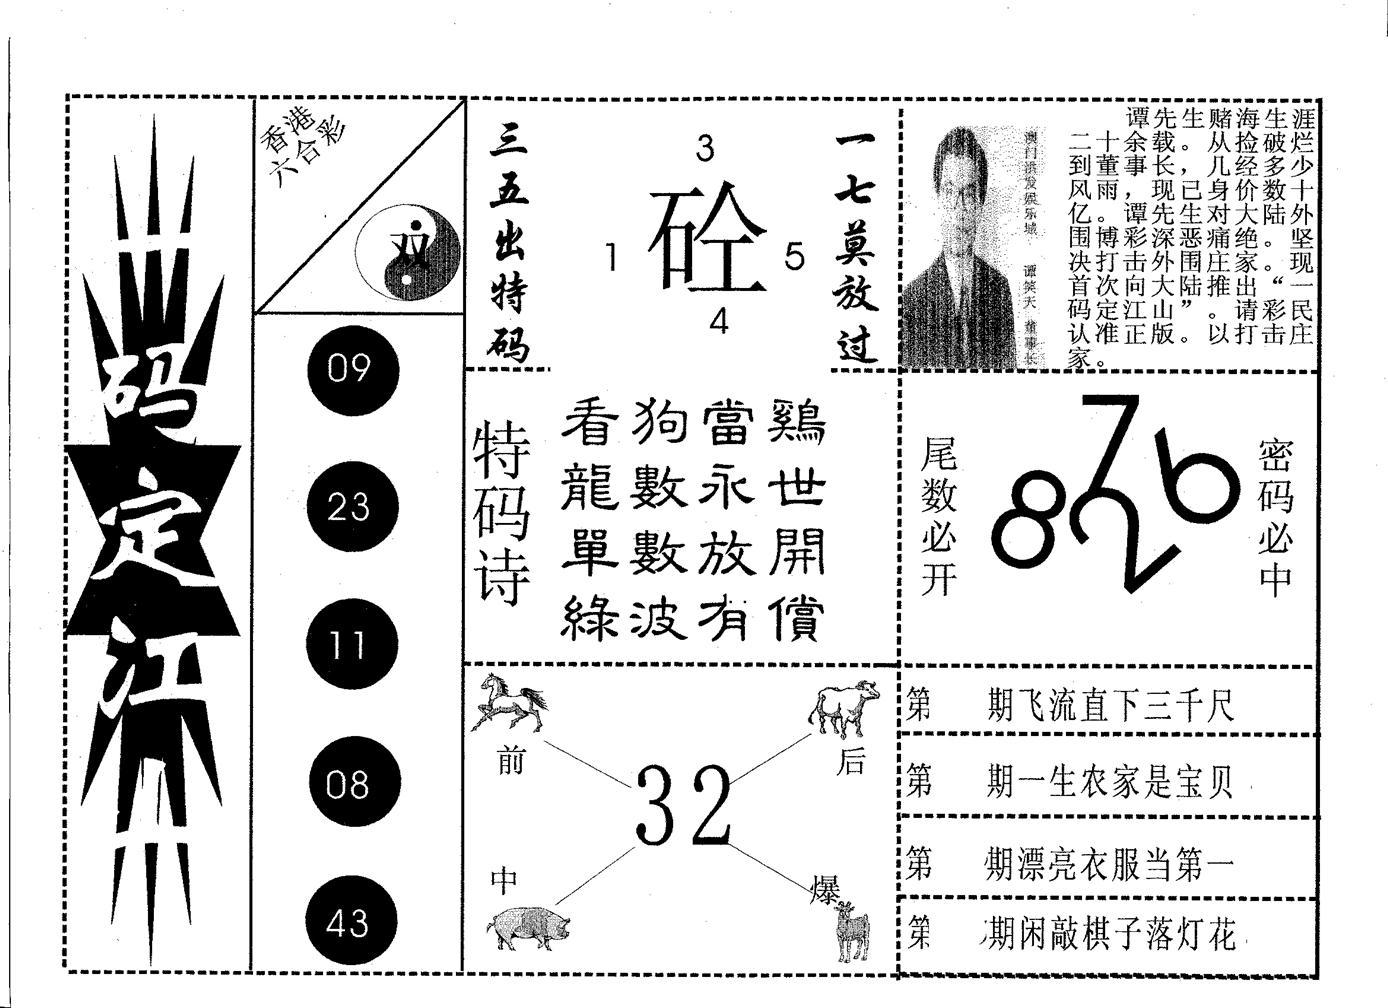 066期一码定江山(黑白)